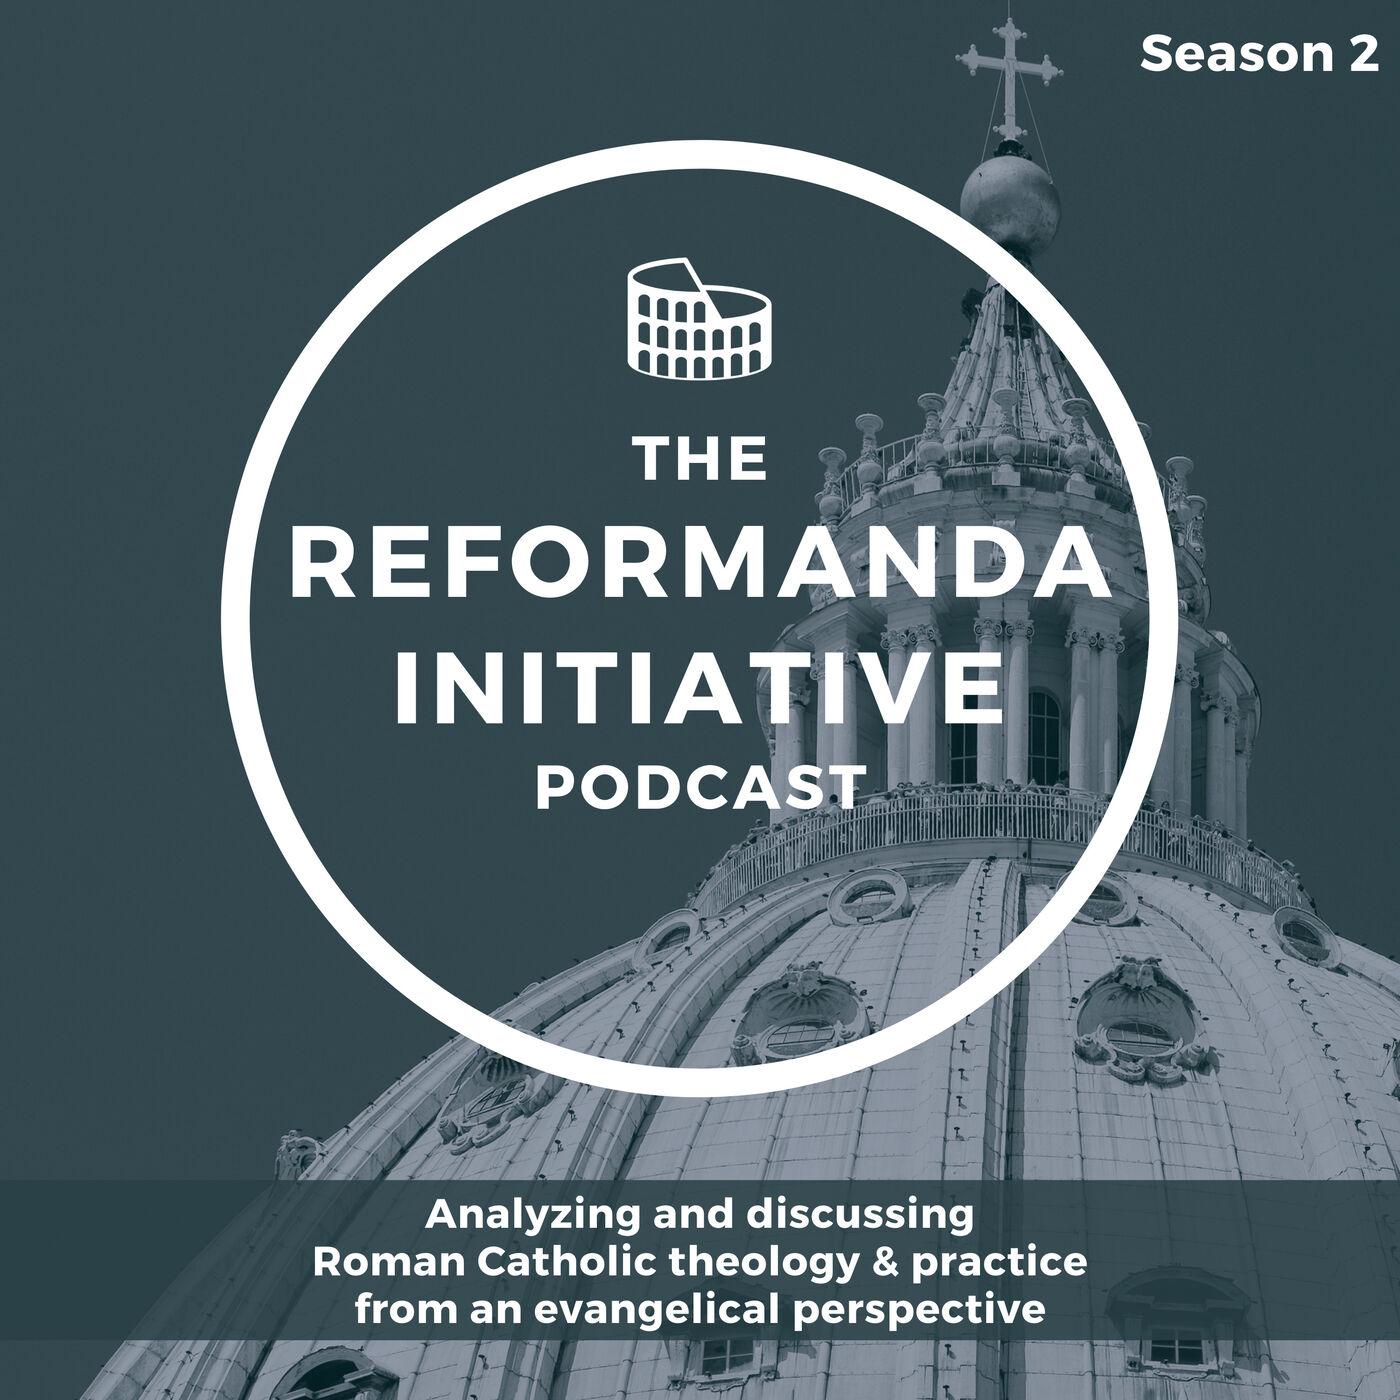 S2.E1 - Ben Shapiro Encounters Vatican II Theology